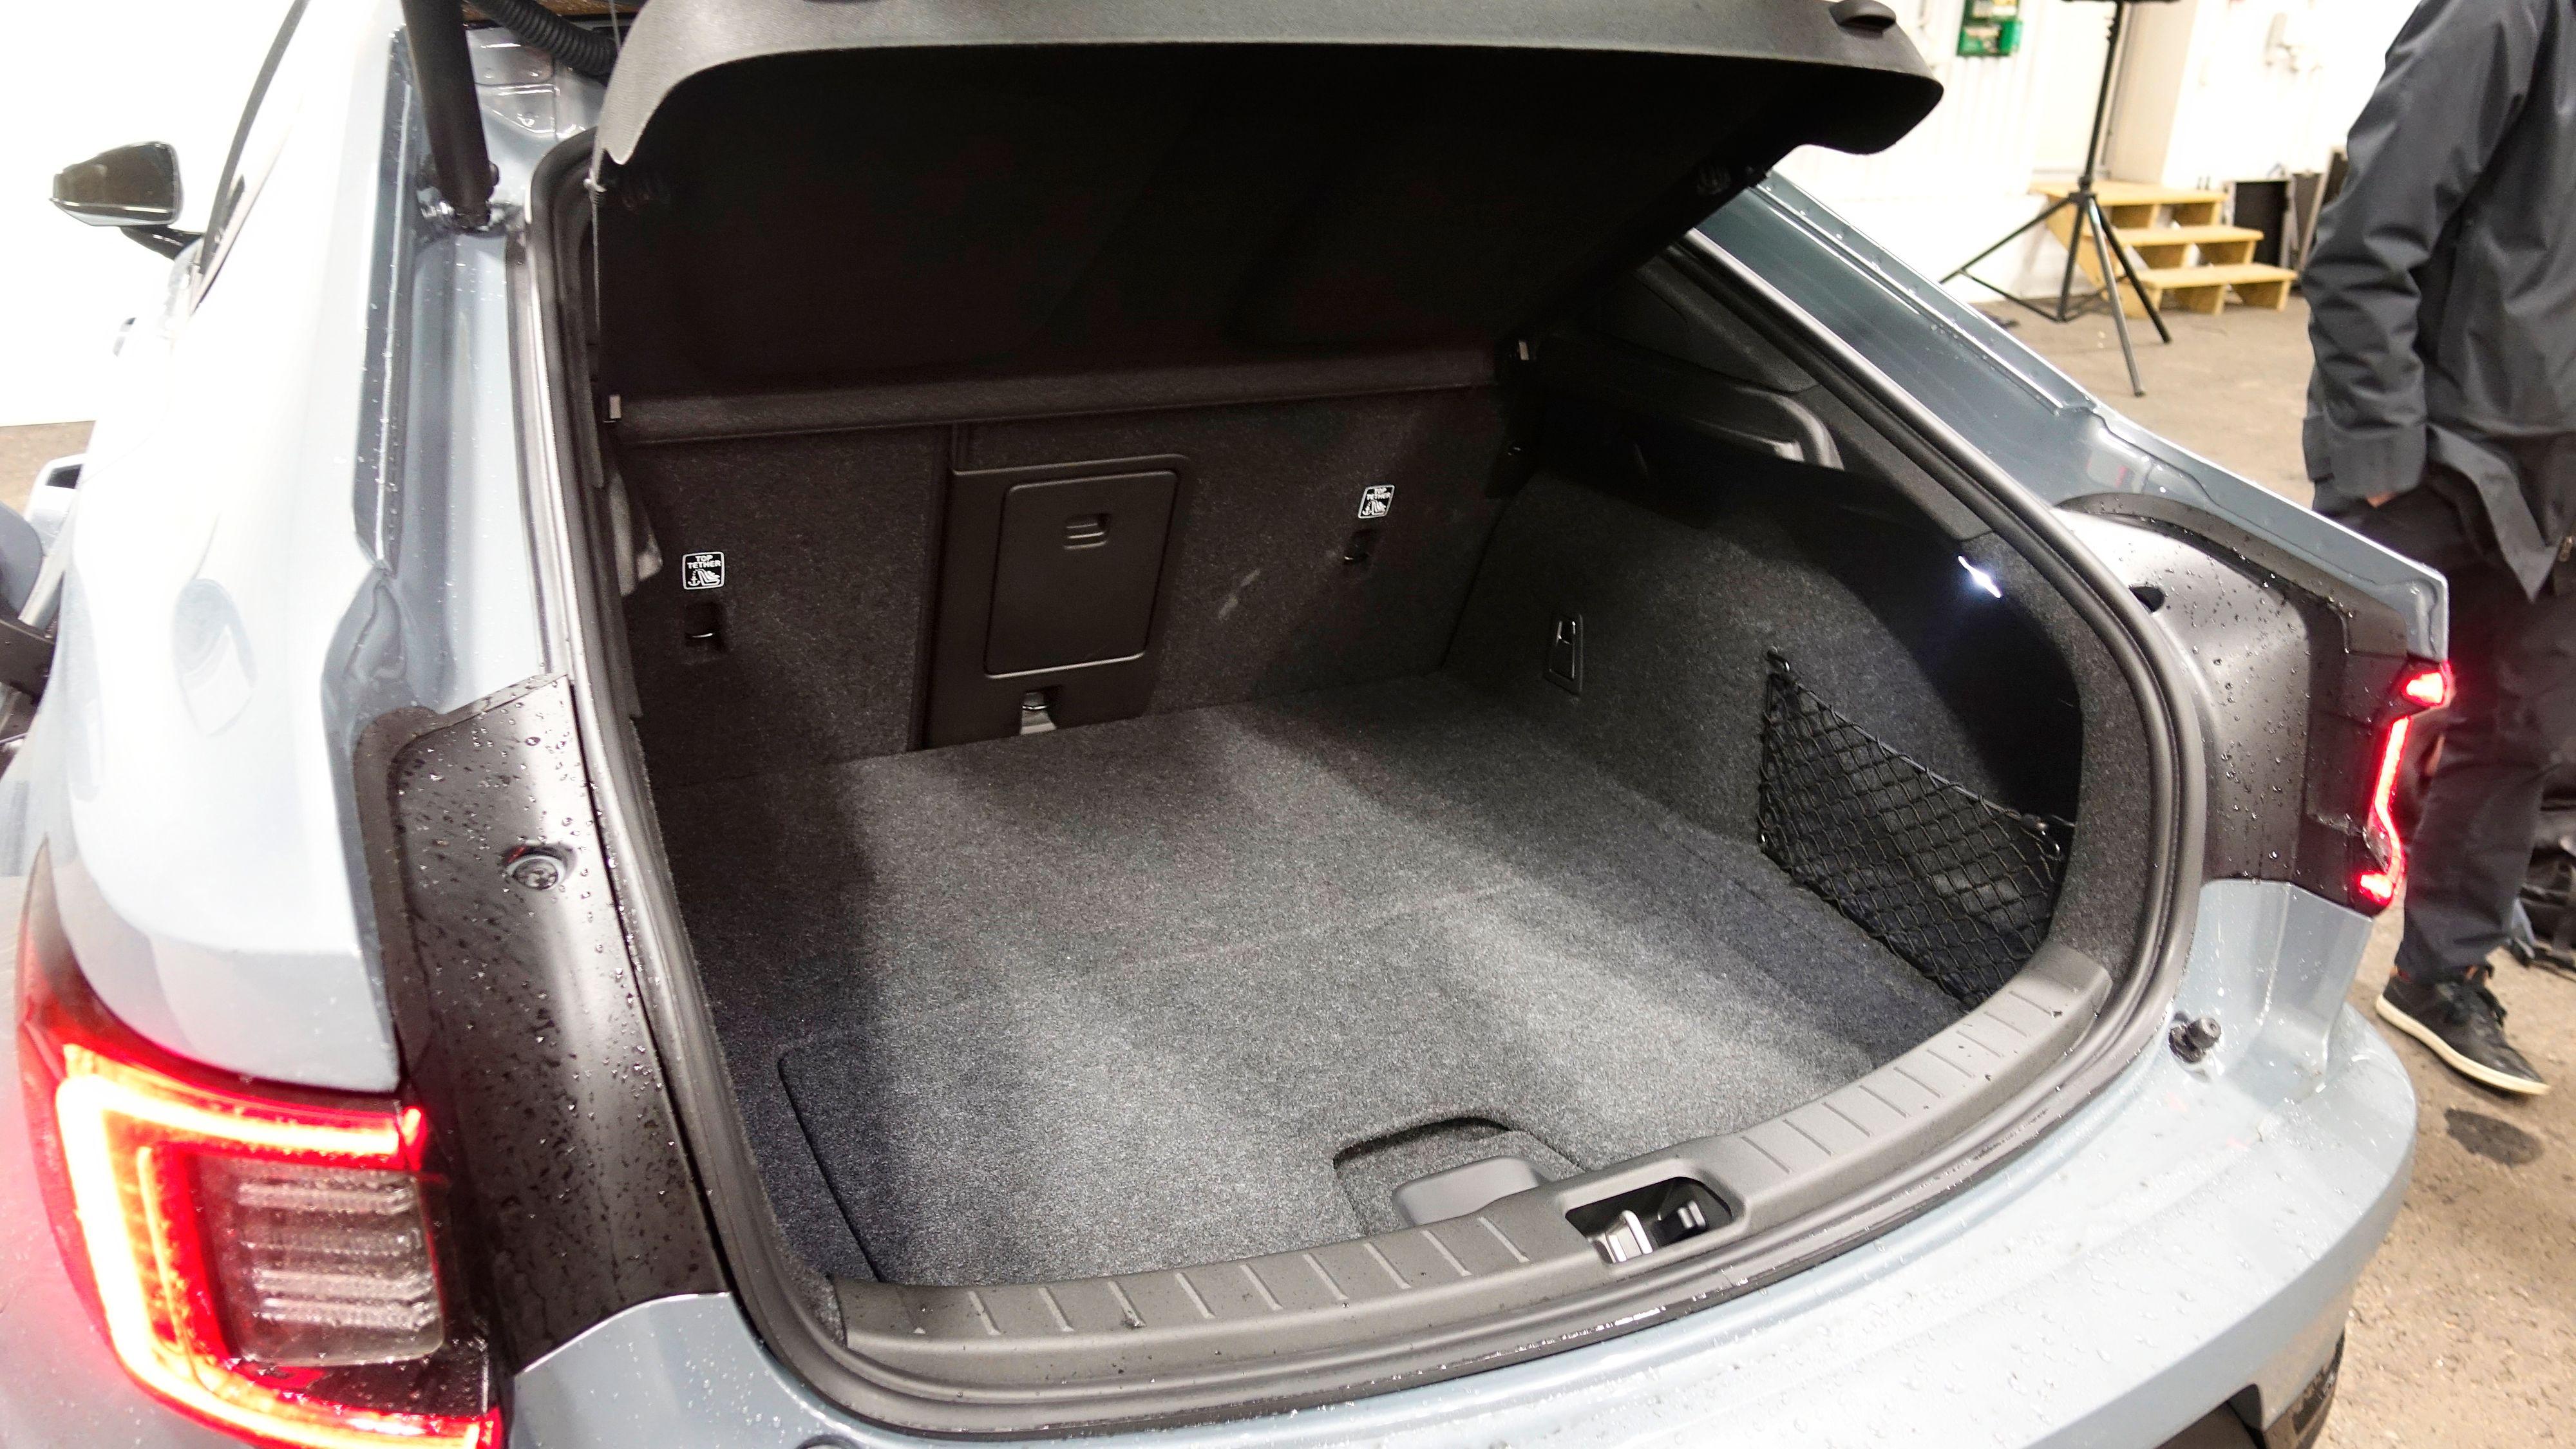 405 liter bak, inkludert 41 liter under gulvet. I tillegg kommer 35 liter under panseret. Med setene nedslått (60:40 er mulig) snakker vi 1095 liter. Elektrisk bagasjeromsluke er for øvrig standardutstyr.